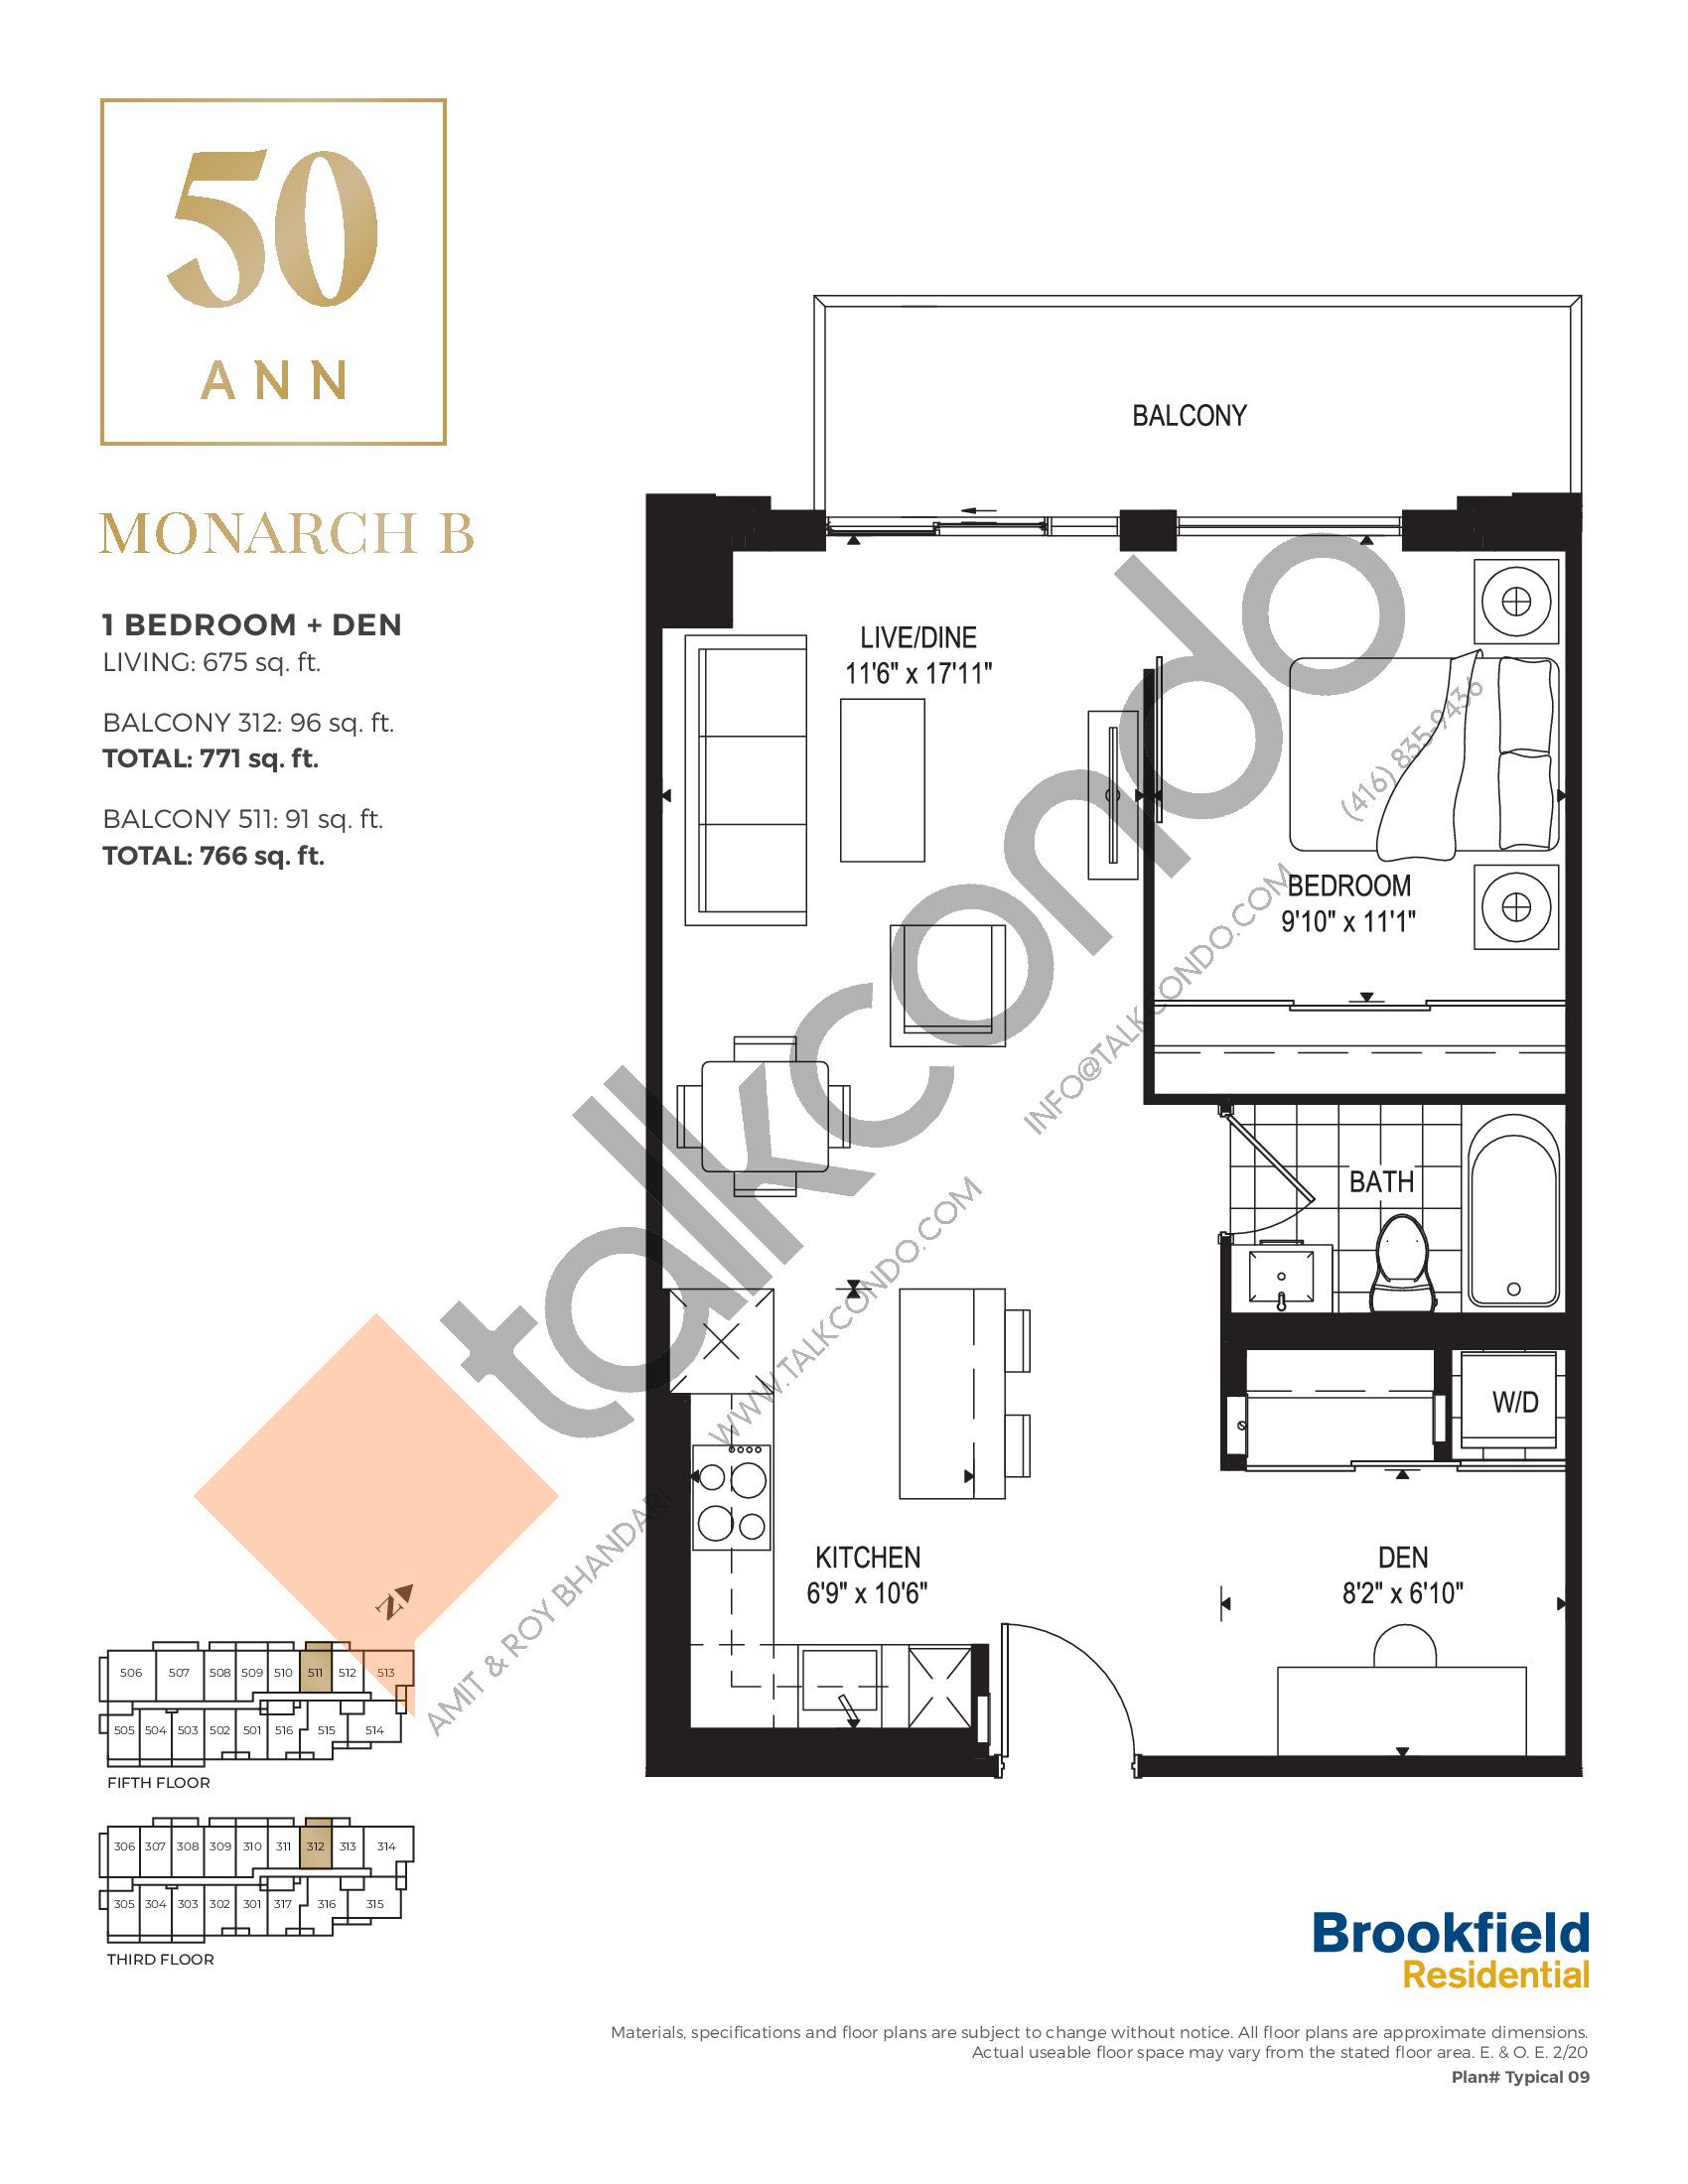 Monarch B Floor Plan at 50 Ann Condos - 675 sq.ft